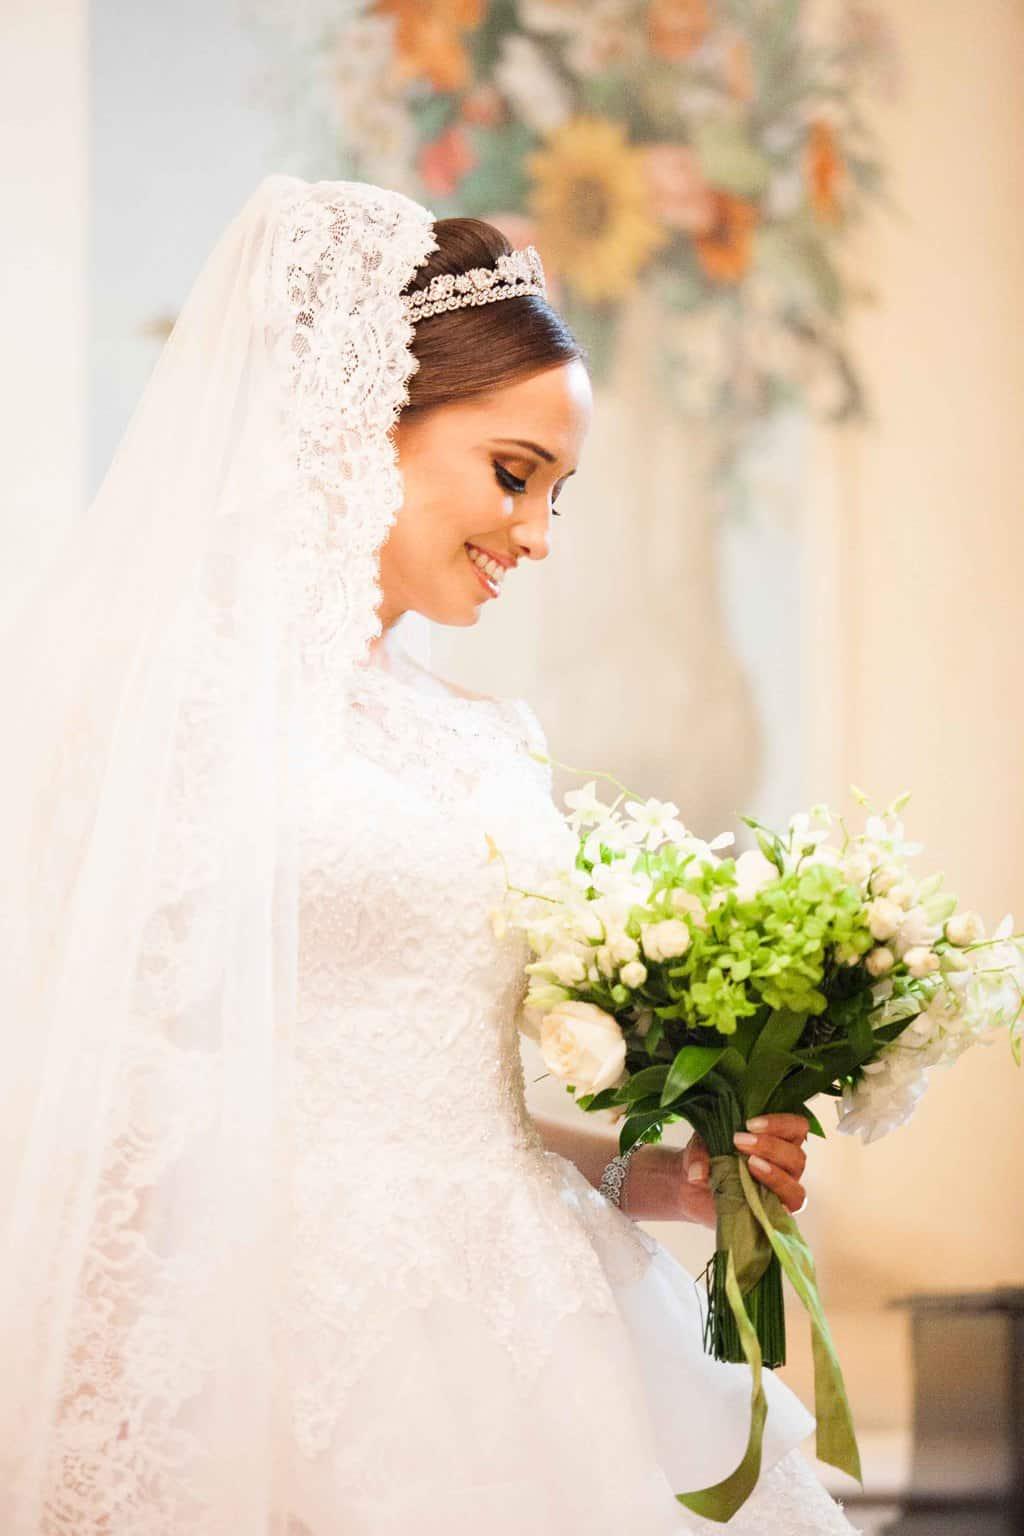 Buquê-Casamento-Clássico-Casamento-tradicional-Copacabana-Palace-Monica-Roias-Poses-noiva-Ribas-Foto-e-Vídeo-Silvio-Cruz-Tuanny-e-Bernardo-CaseMe